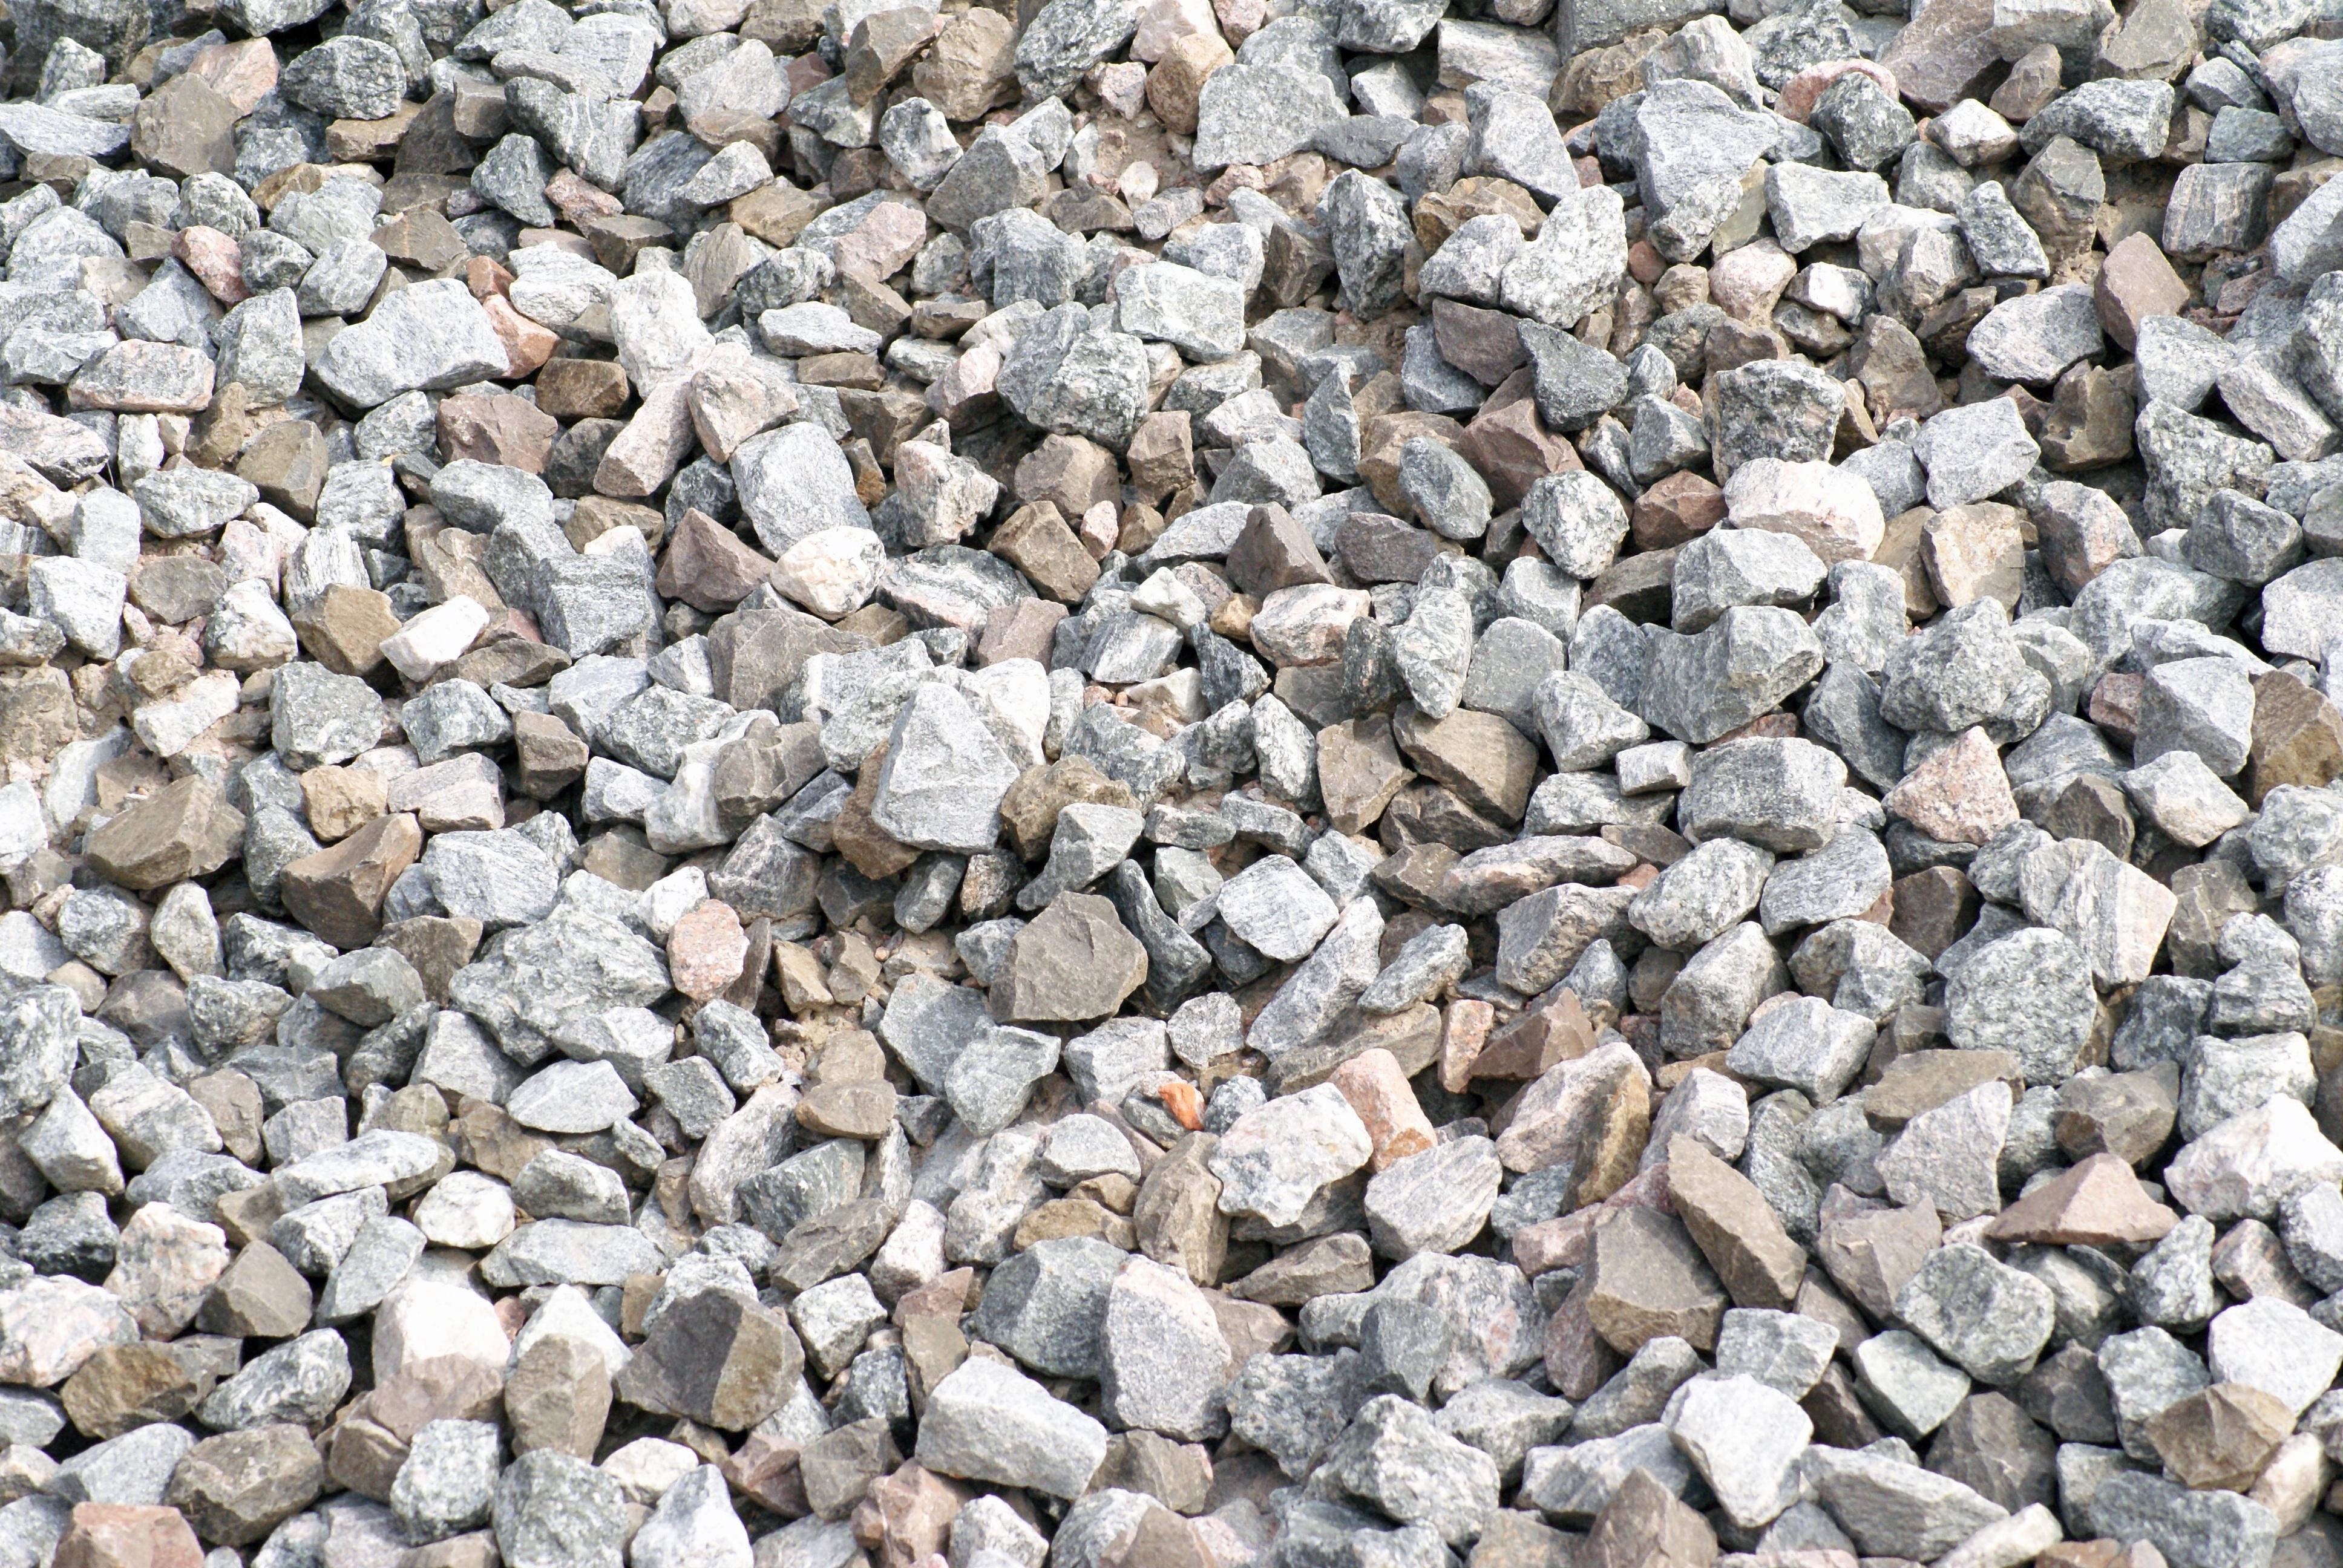 naturaleza arena rock asfalto guijarro suelo pared de piedra material rocas escombros grava las piedras piso